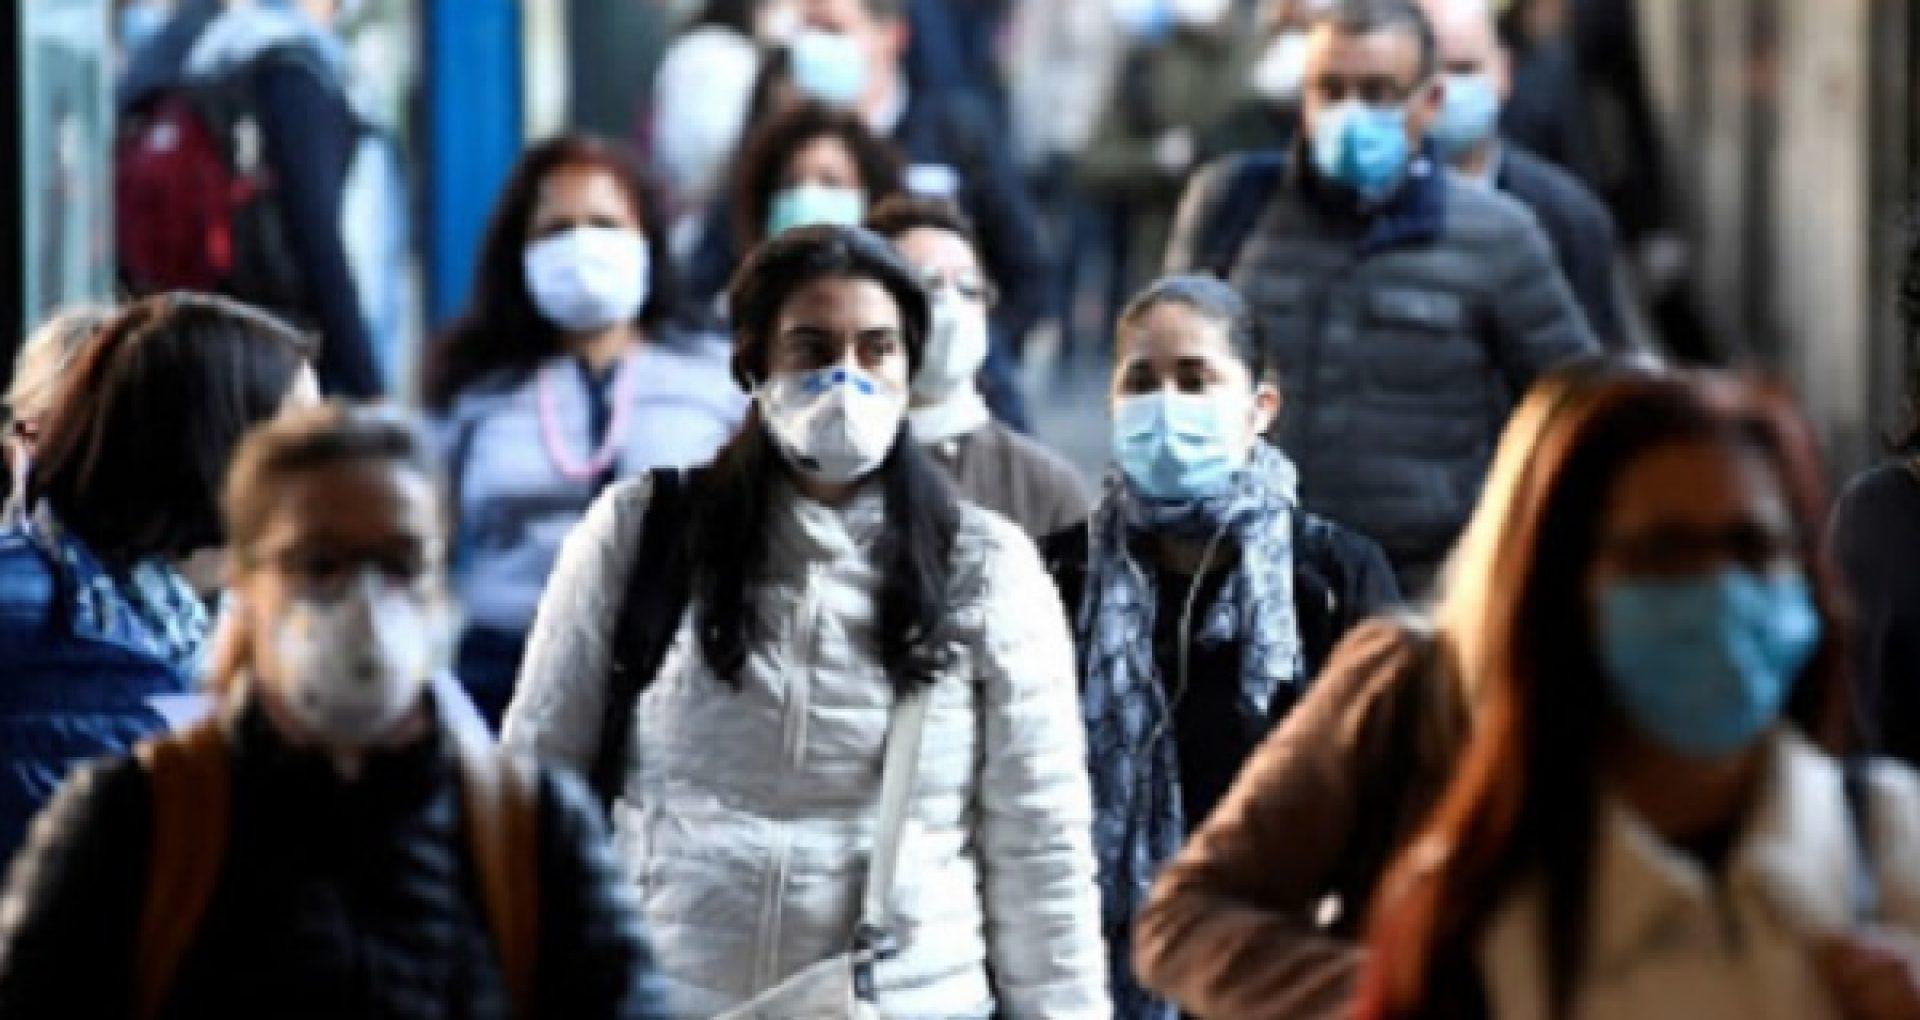 DOC/ Oficial. Guvernul prelungește termenul de aplicare, până la 31 decembrie, a măsurilor instituite pe perioada stării de urgenţă în sănătate publică. Lista completă a regulilor